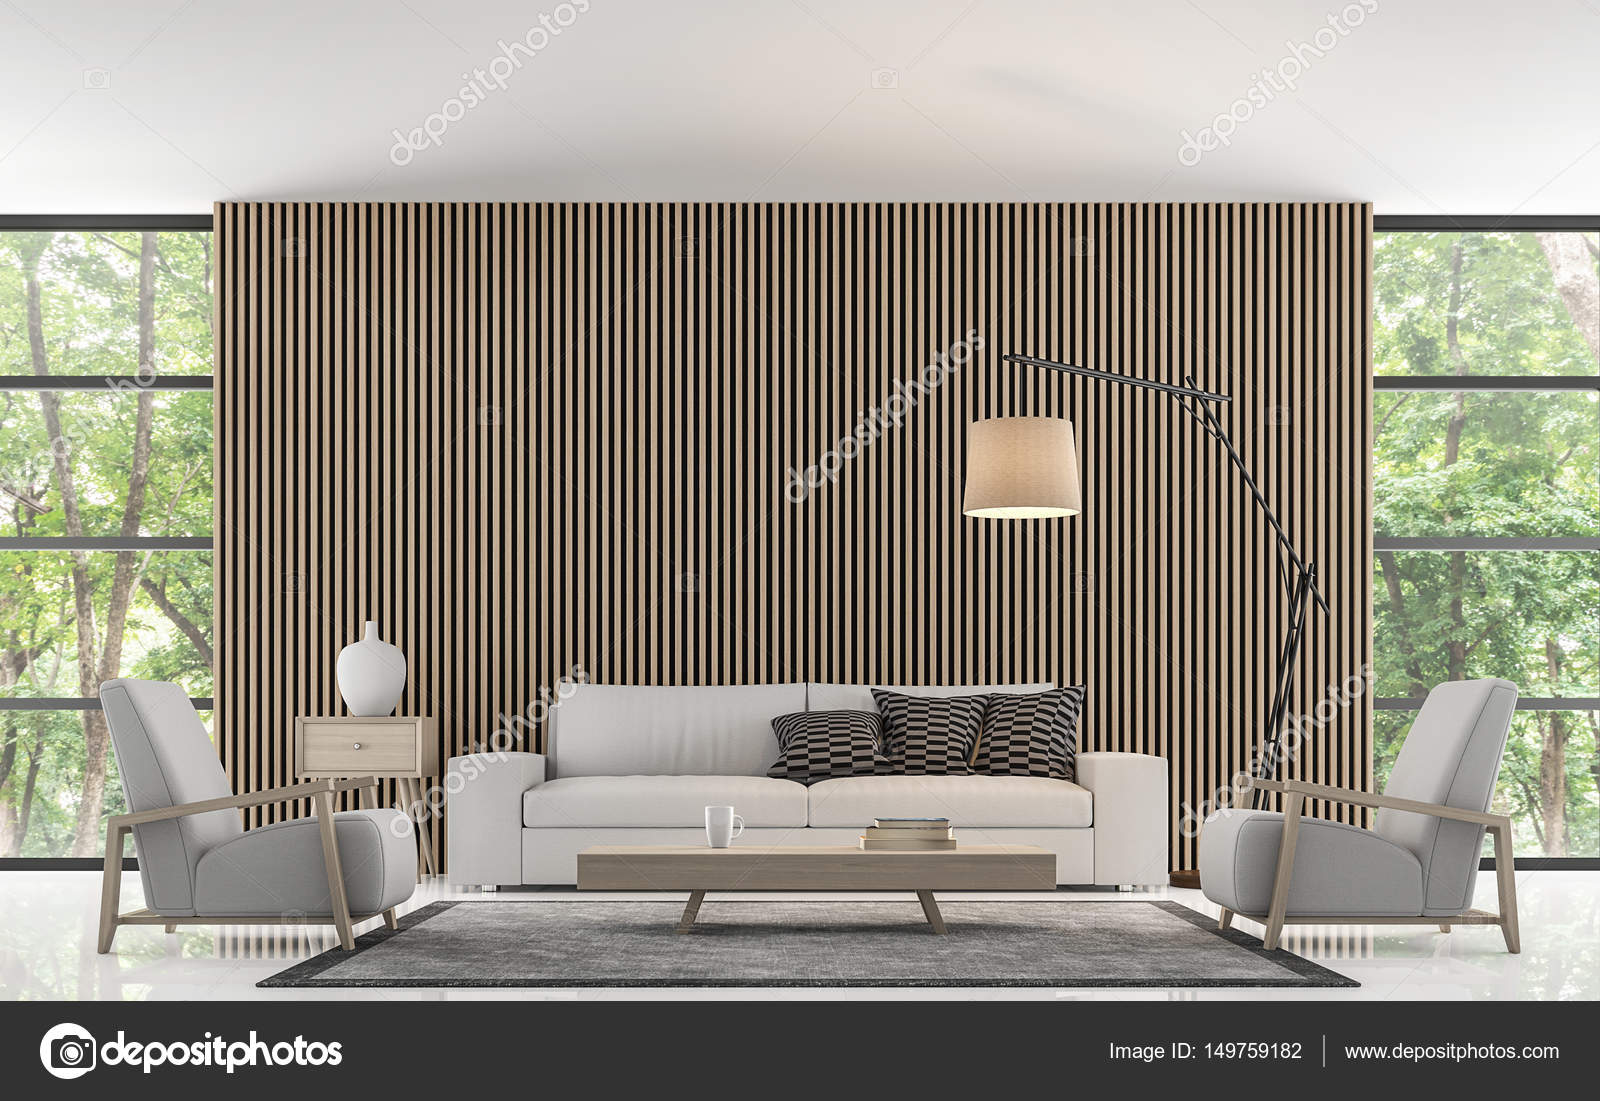 Moderne woonkamer decoreren muur met houten rooster 3d rendering ...